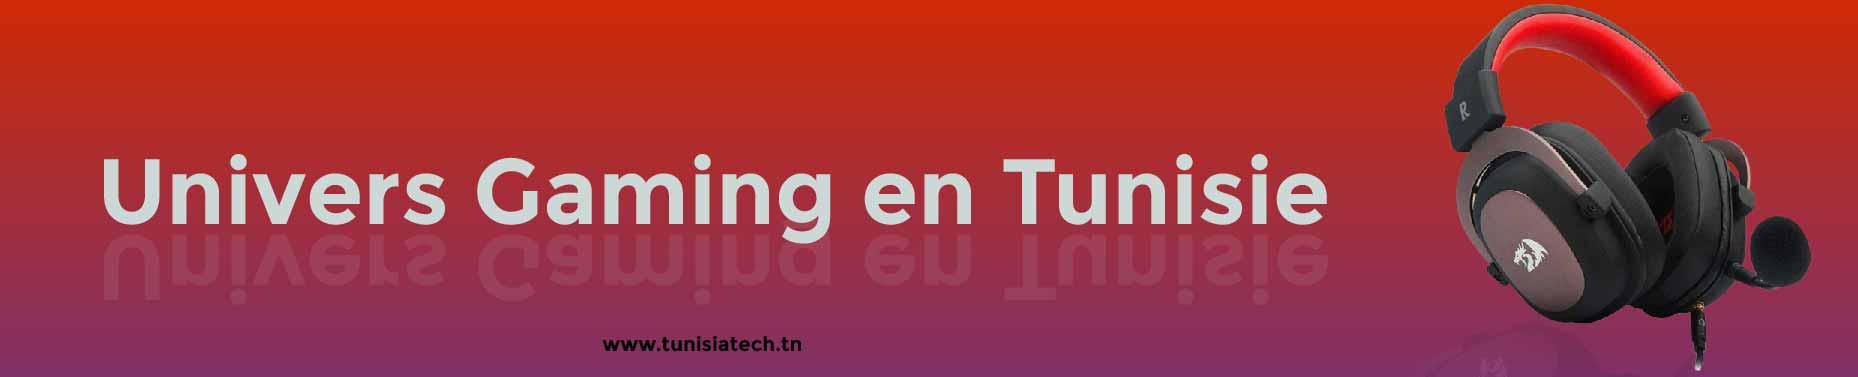 gaming en Tunisie à bas prix chez Tunisiatech pour les gamers